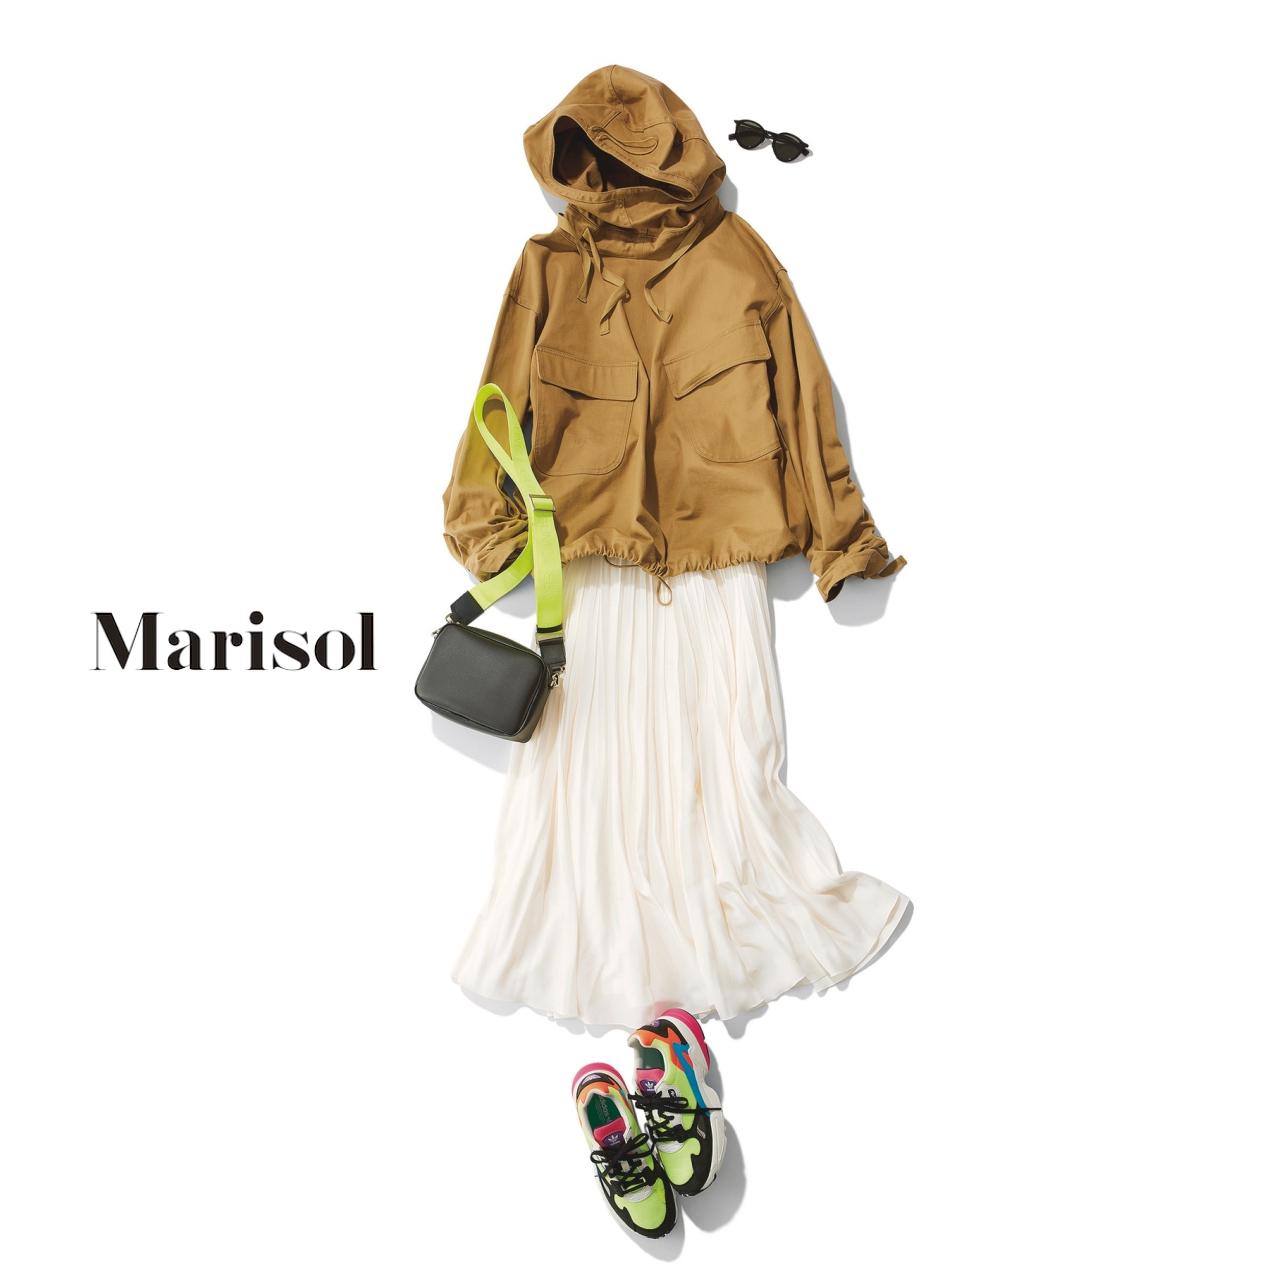 40代ファッション ベージュブルゾン×白スカート×ハイテクスニーカーコーデ